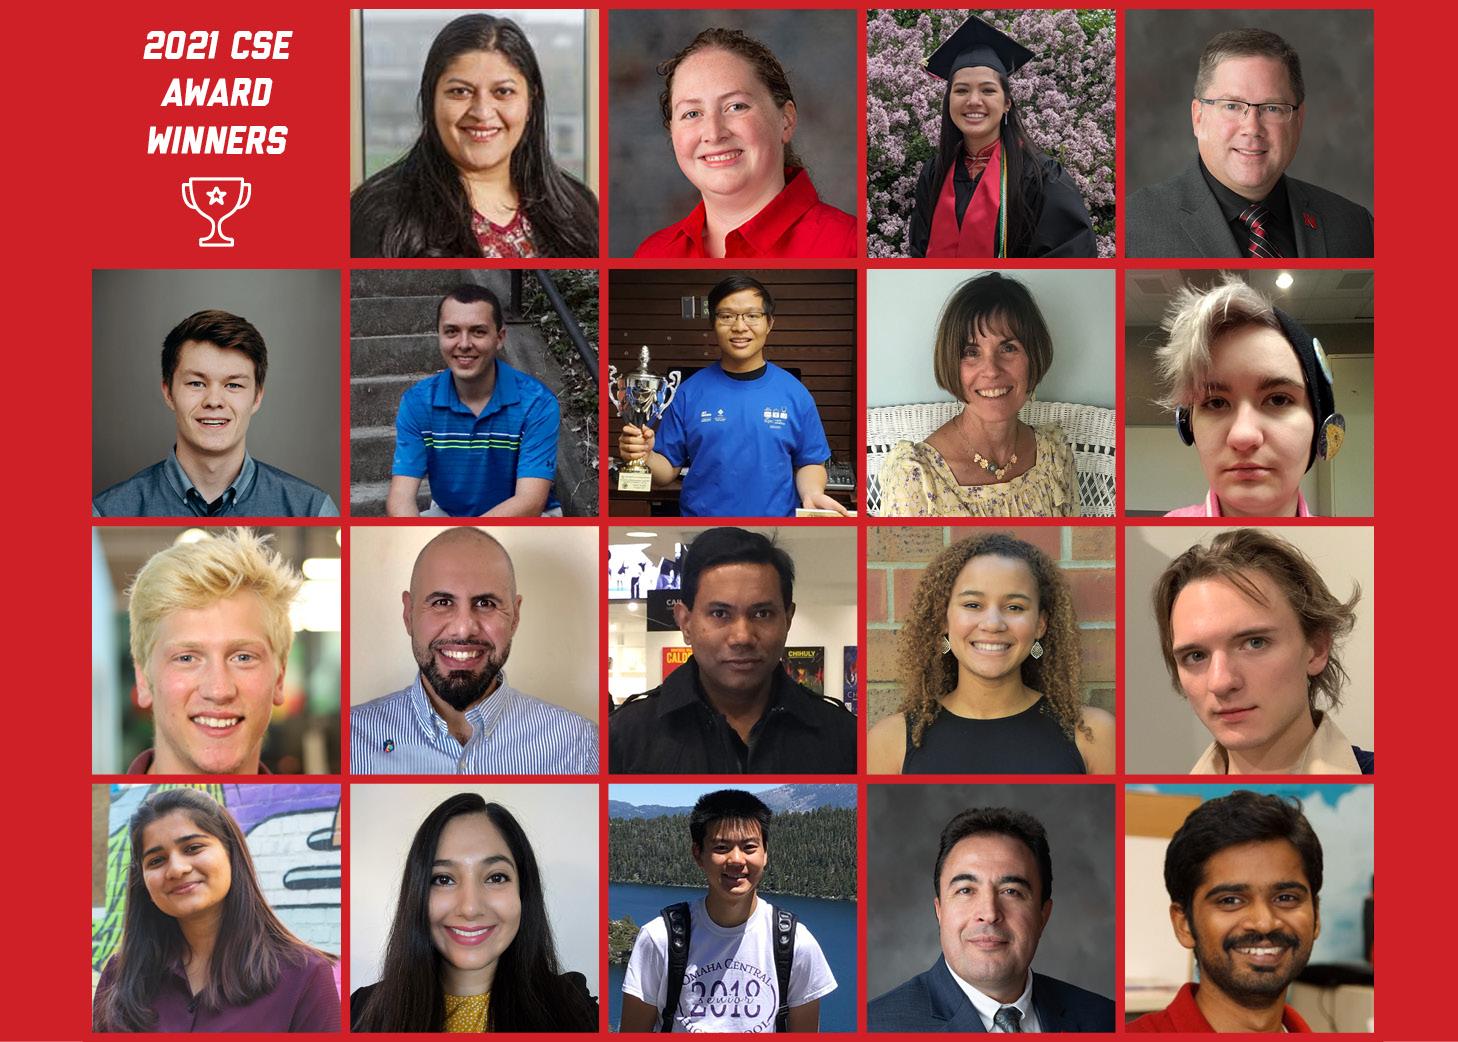 The 2021 CSE Award Winners